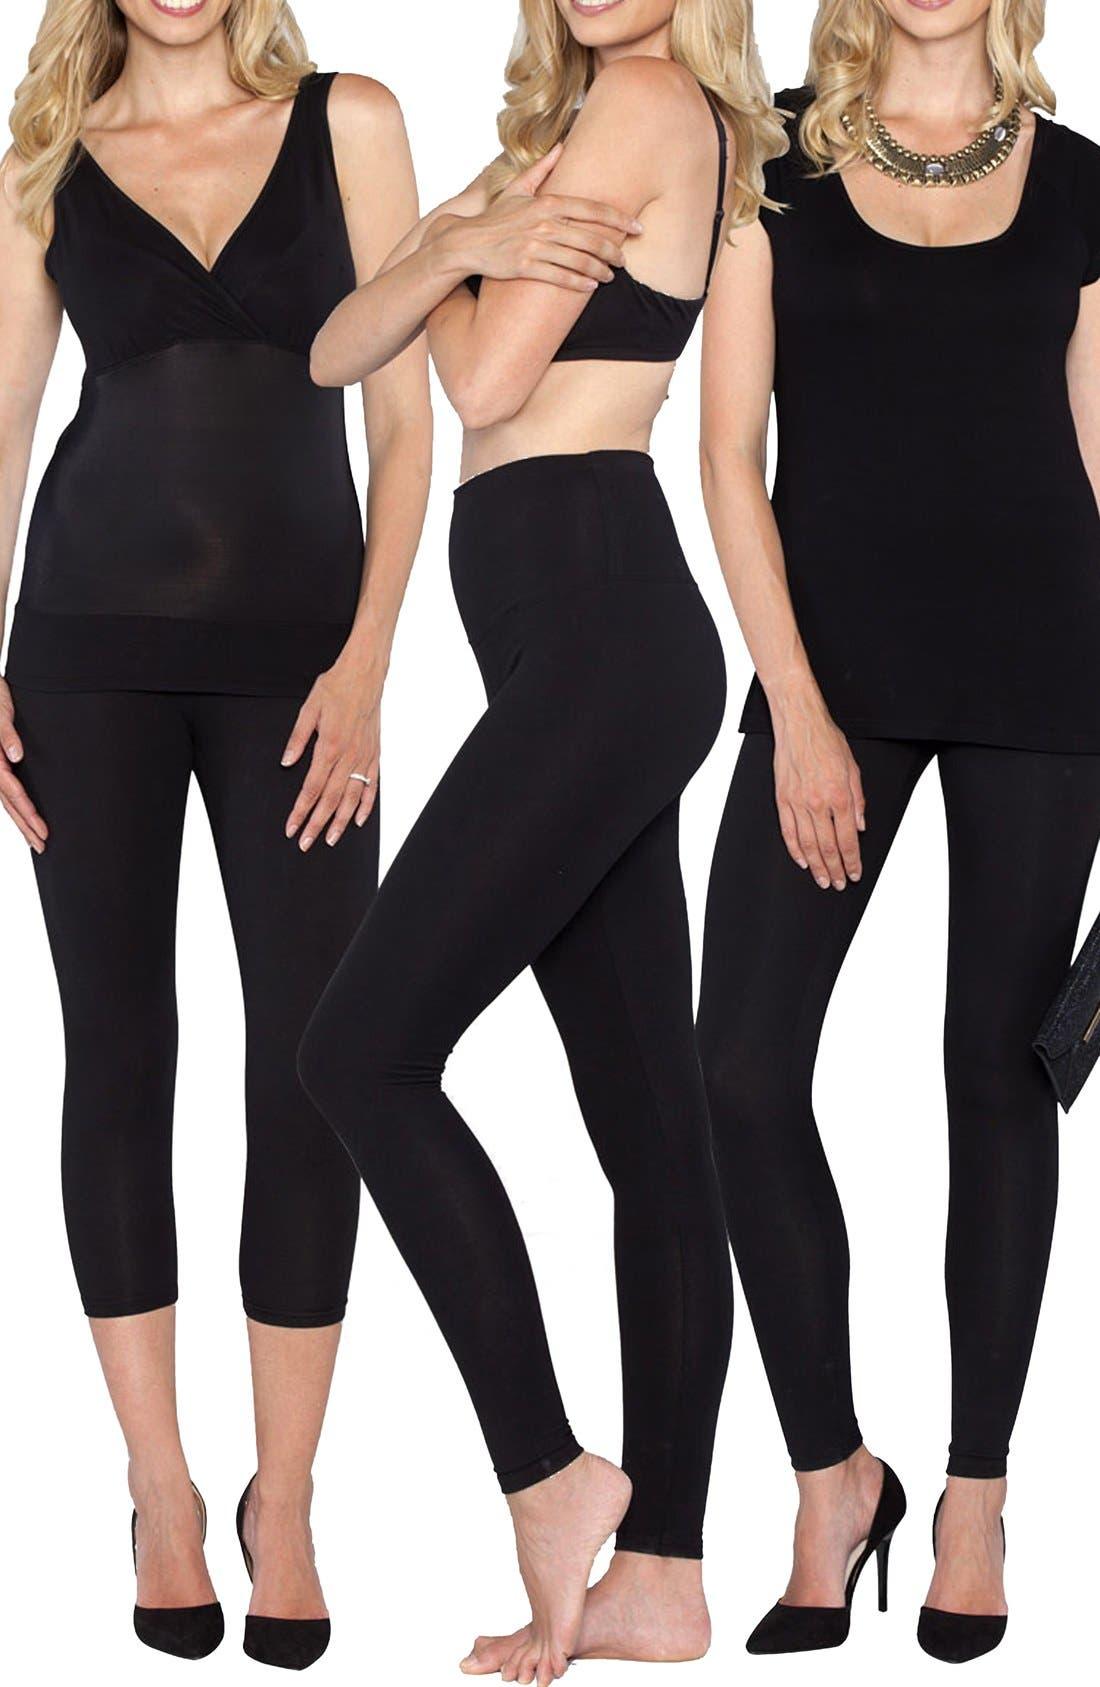 'The Tummy Tight' Postpartum Shapewear Kit,                         Main,                         color, BLACK